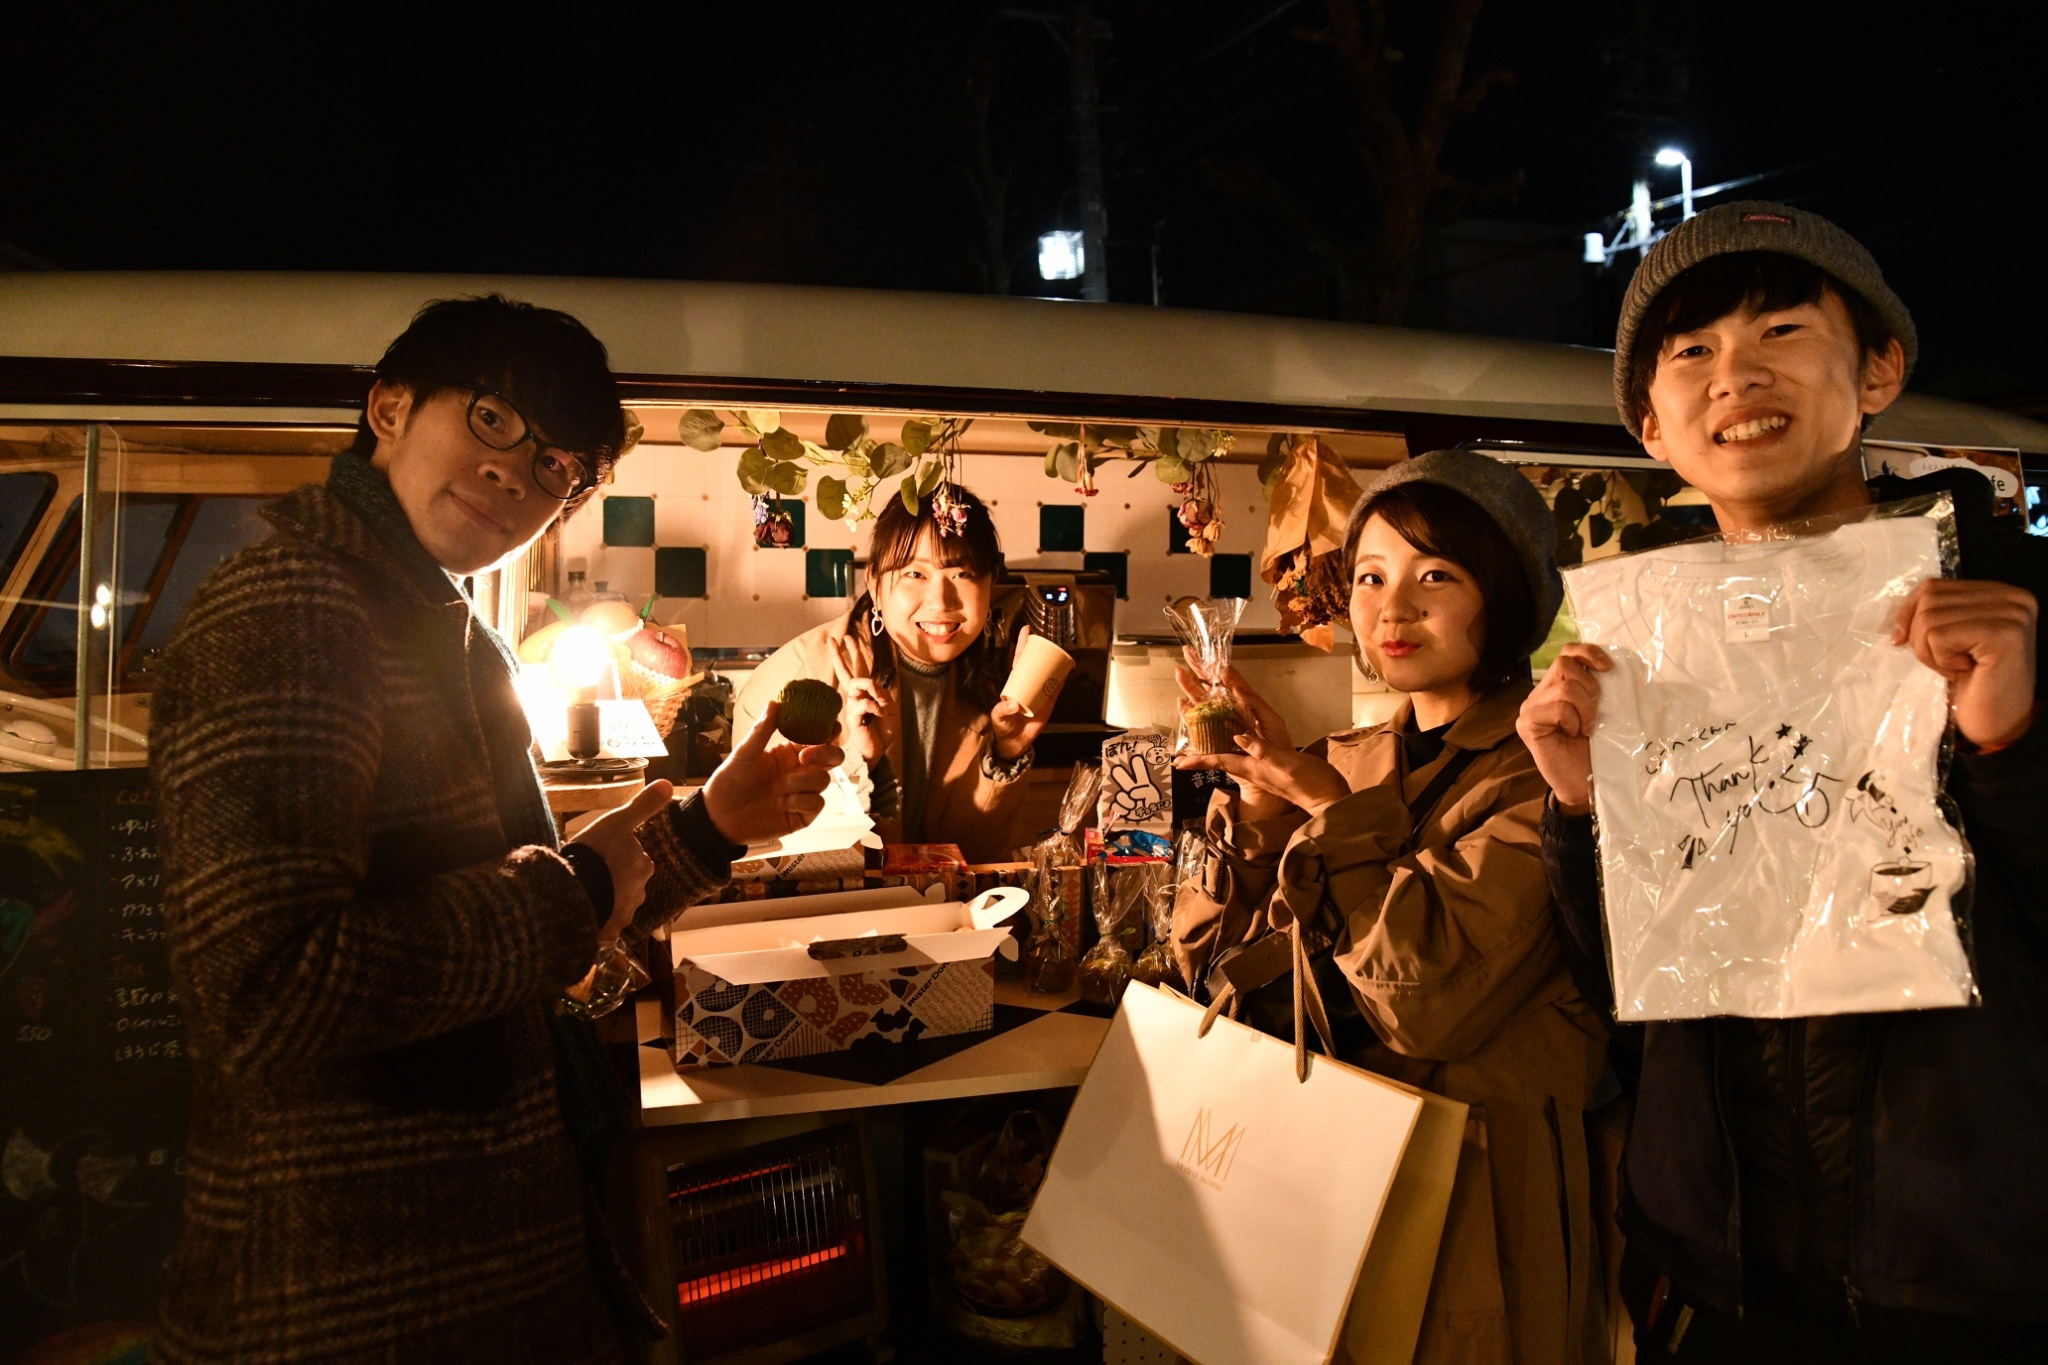 名古屋守山区で友達作りができるカフェ!男女の友達が欲しいならこの場所!【友活】【社会人サークルもいいけど・・。】